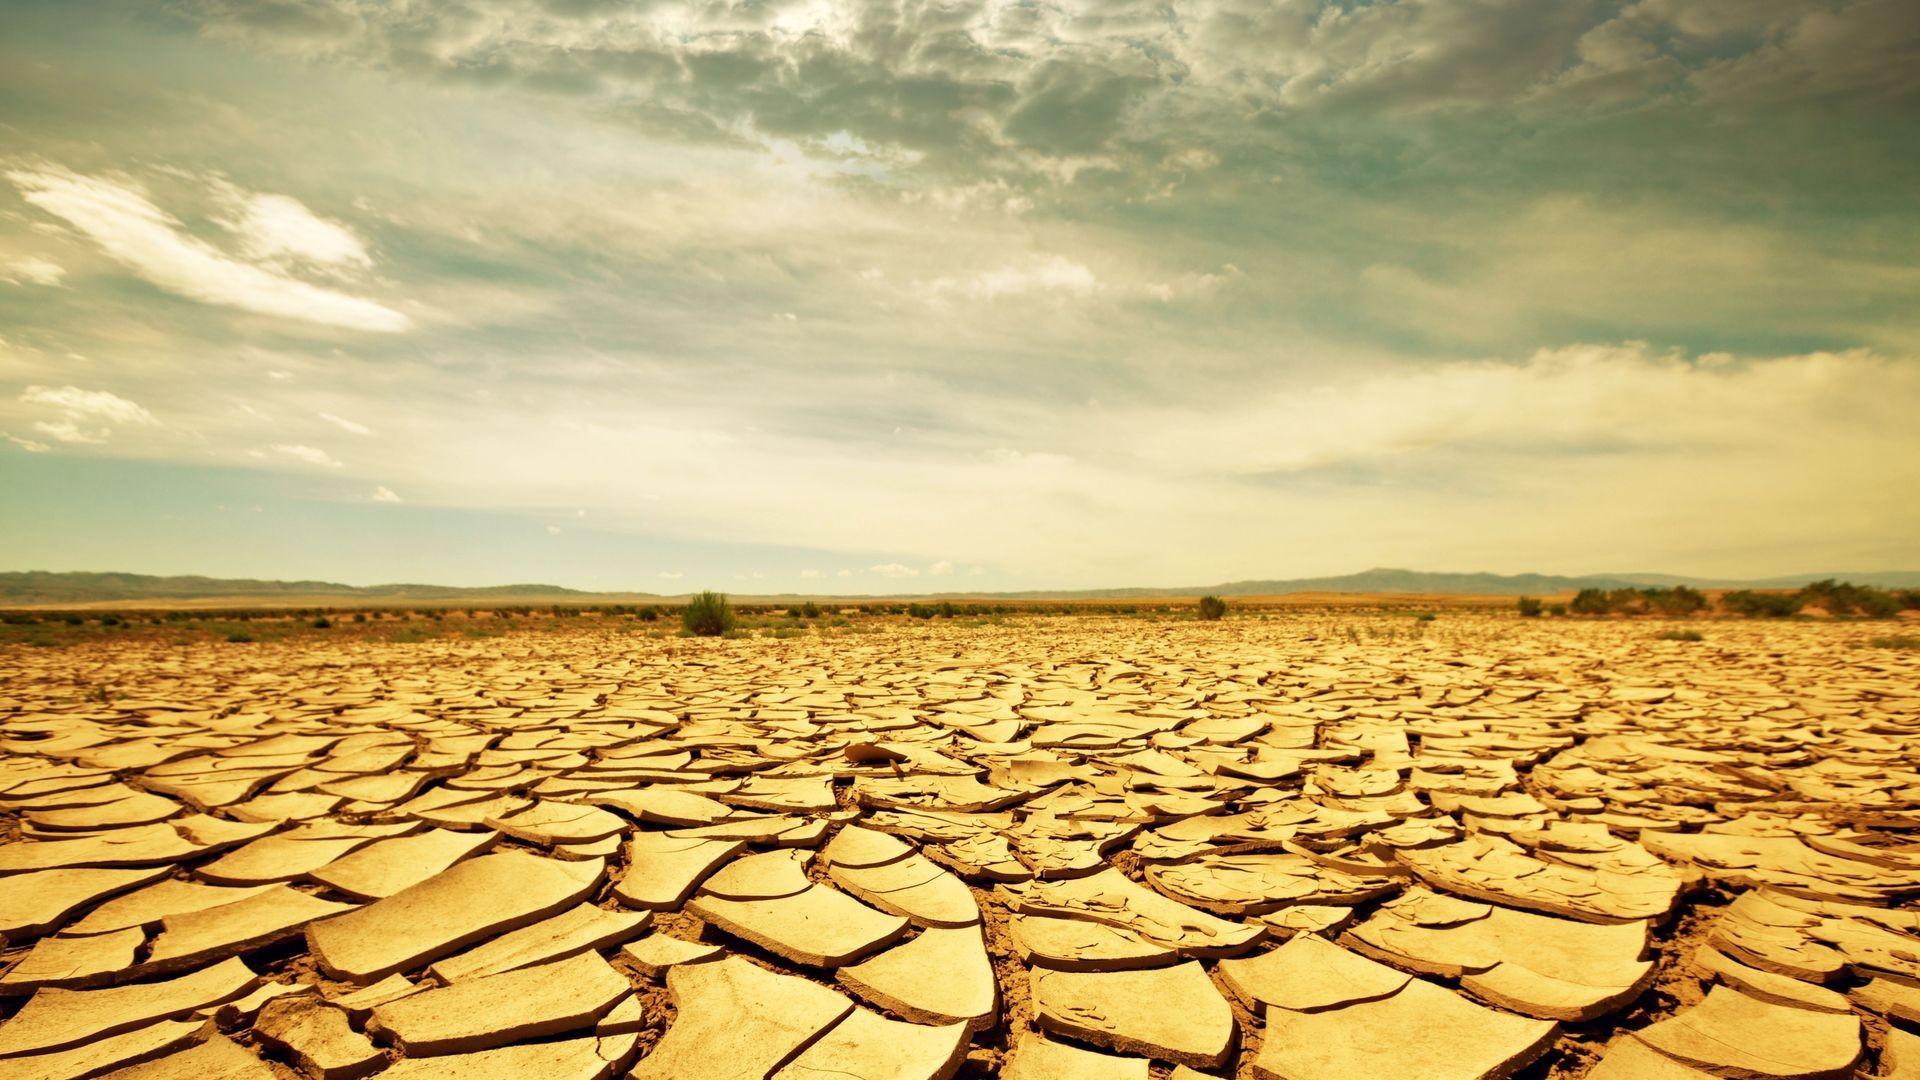 Desert Wallpaper Hd